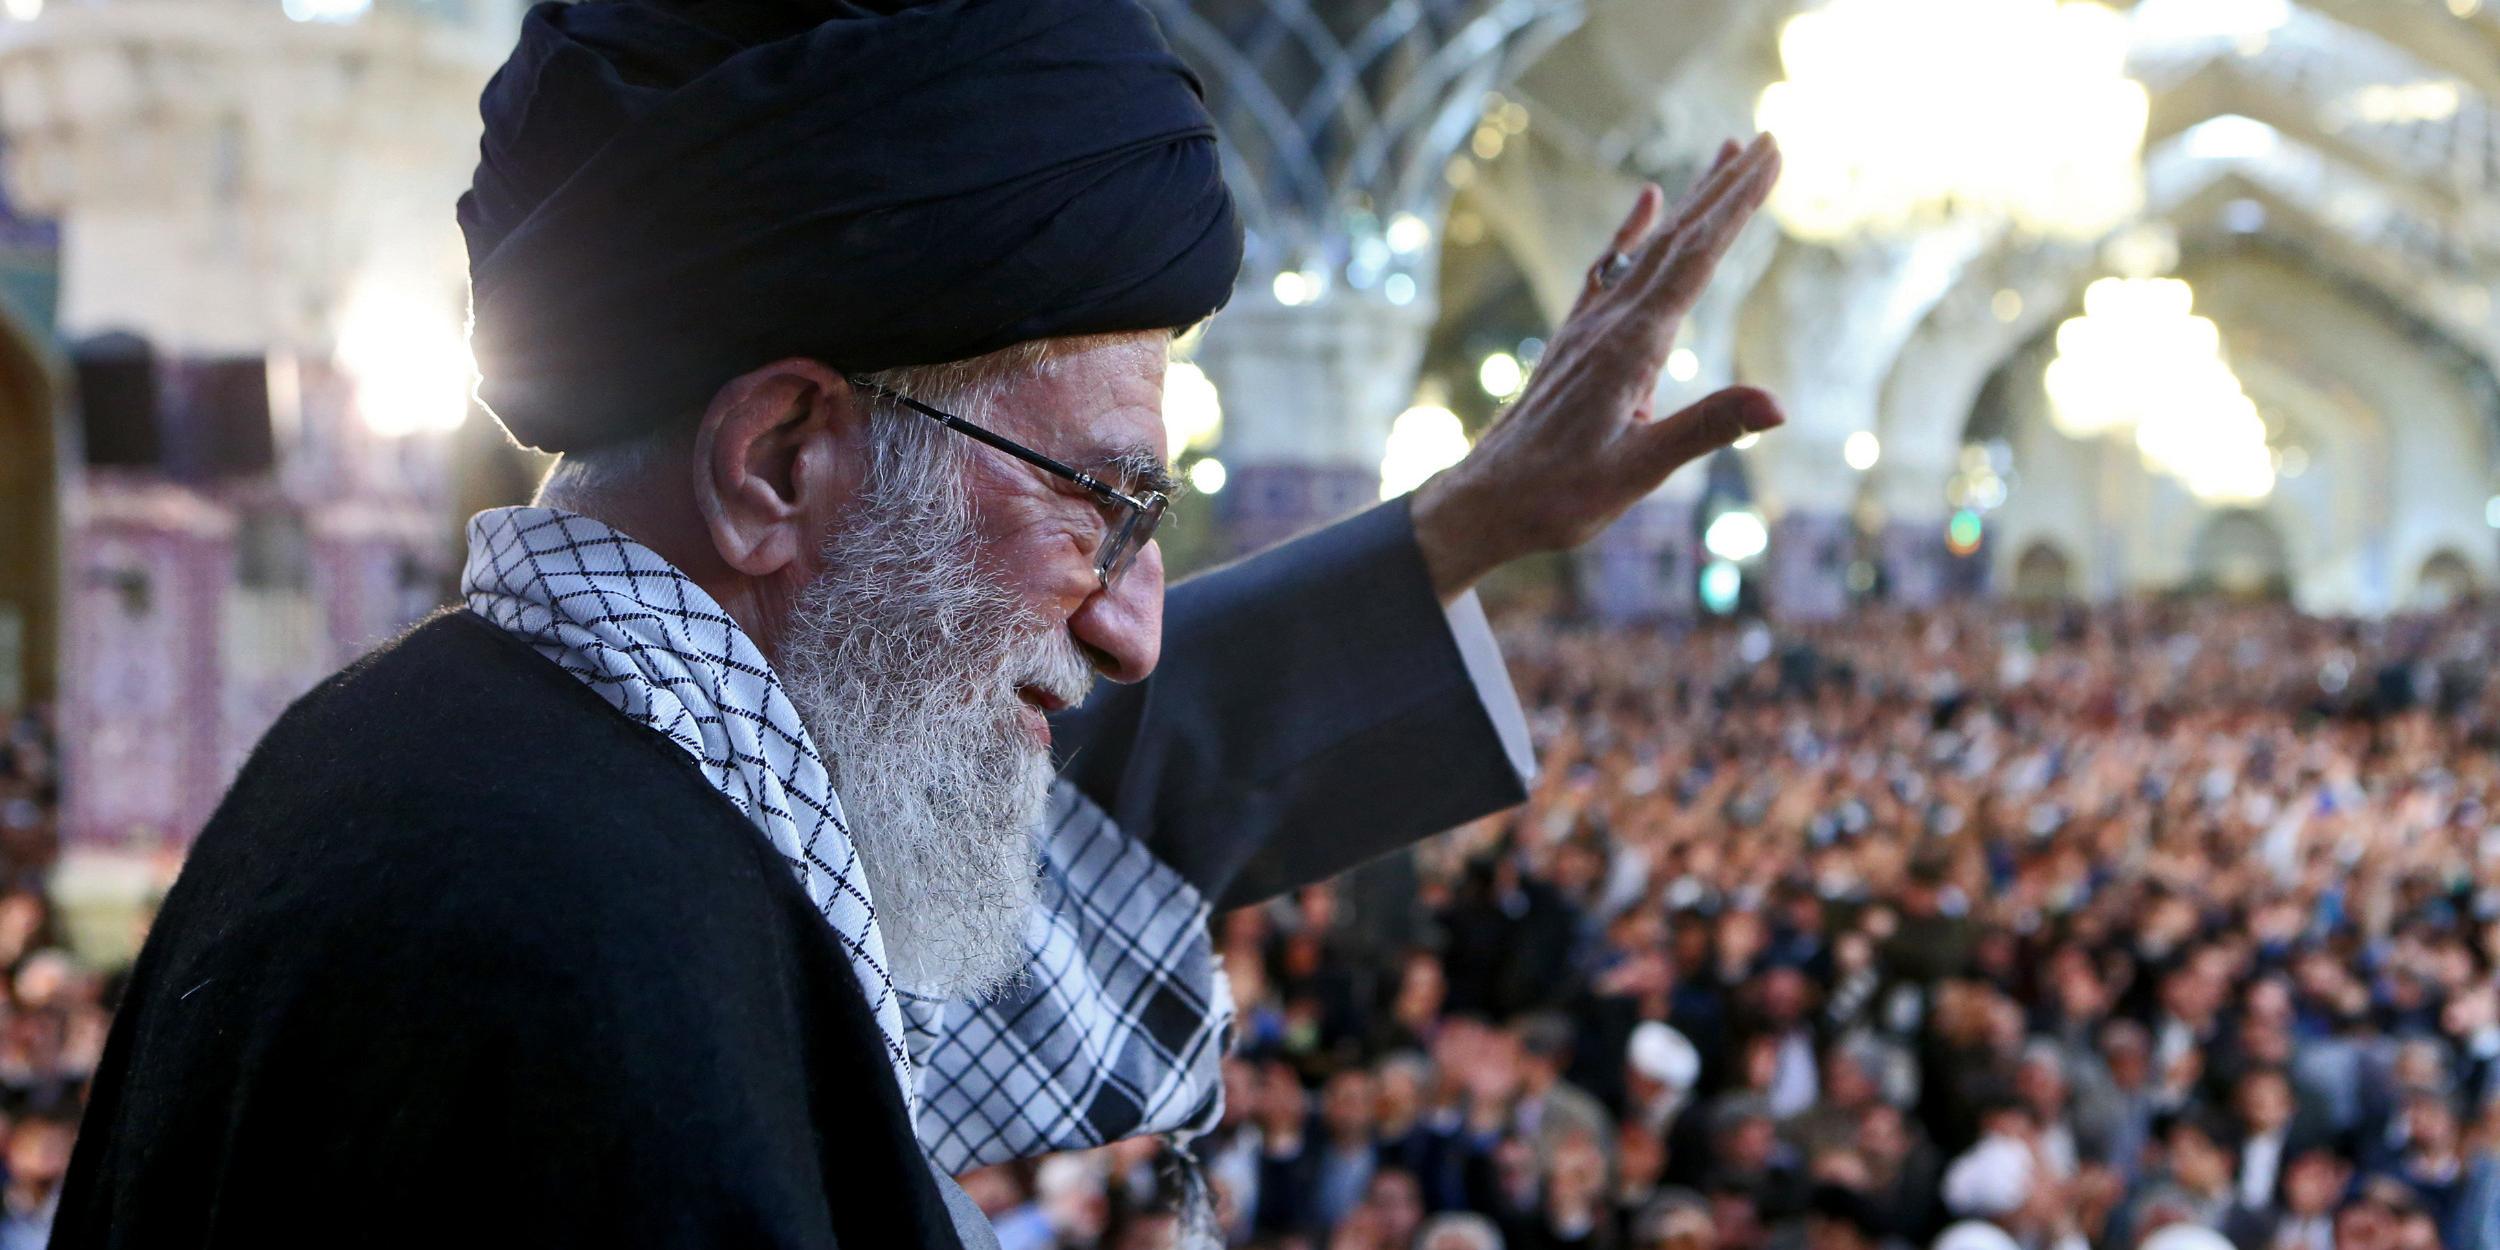 مردم و مسئولان با غیرت و تعصب از کالای ایرانی حمایت کنند